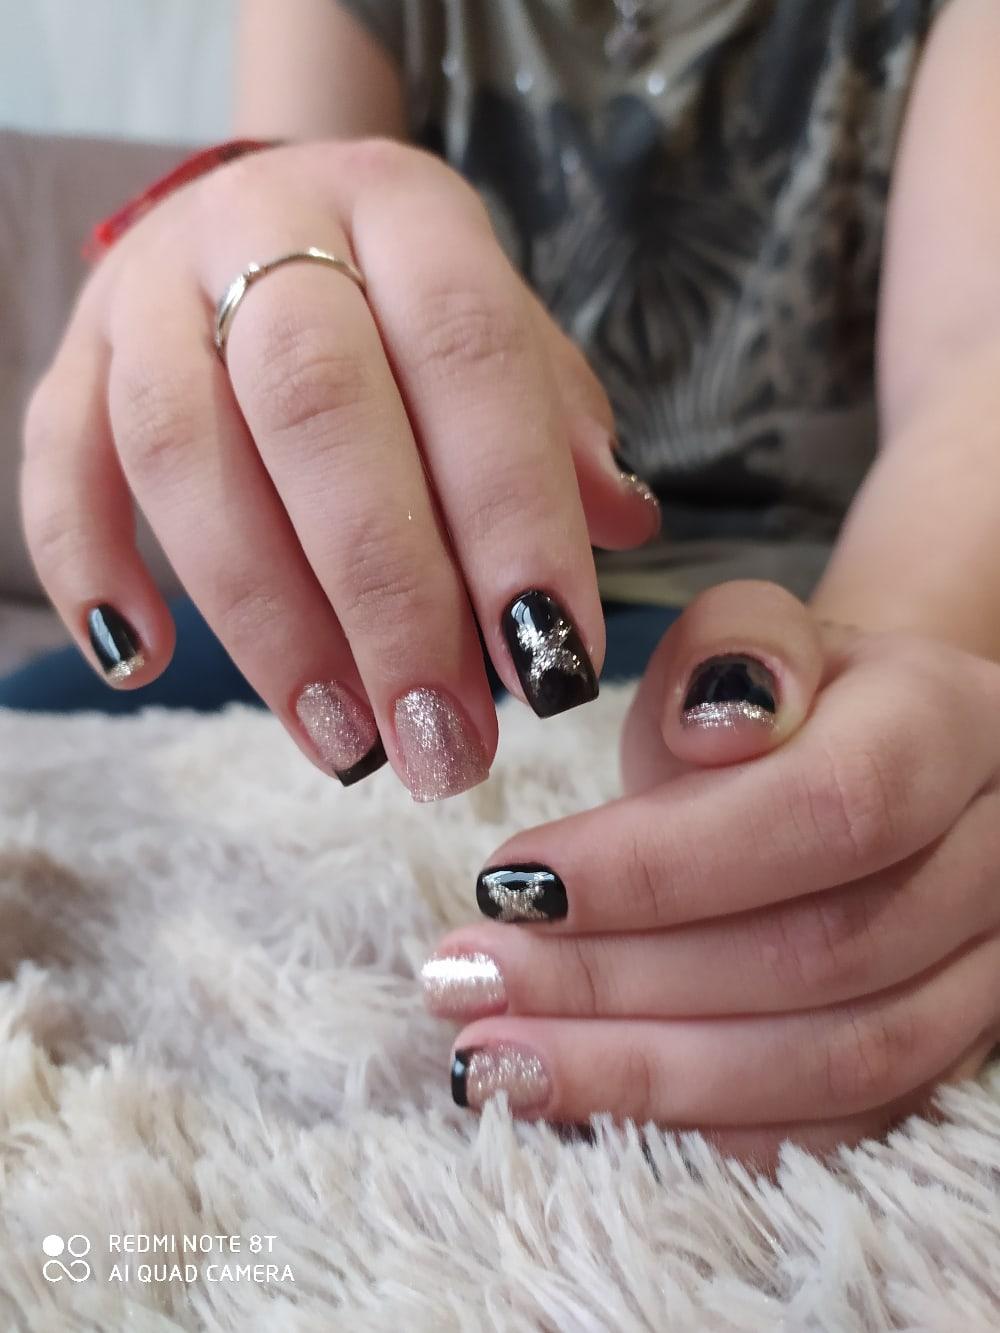 Маникюр с золотыми блестками и френч-дизайном в черном цвете на короткие ногти.